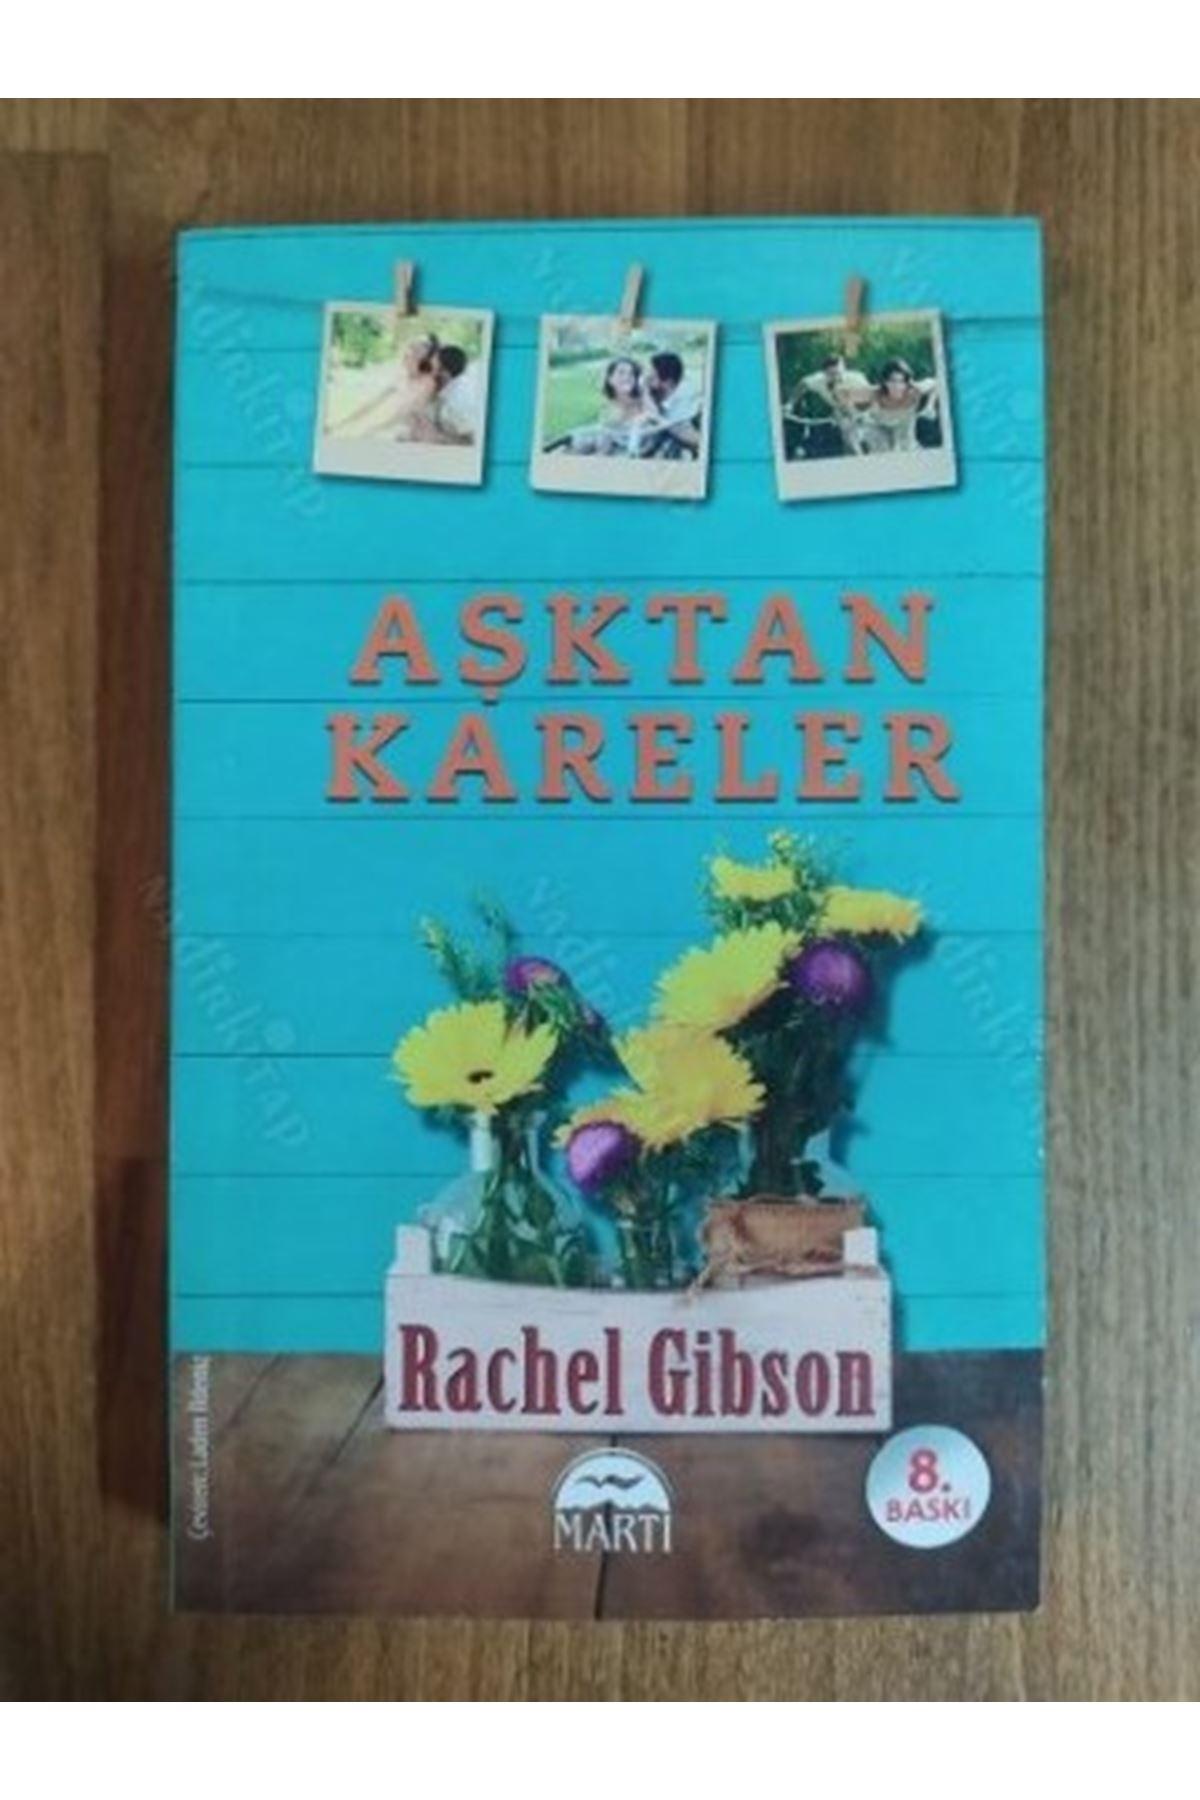 RACHEL GİBSON - AŞKTAN KARELER